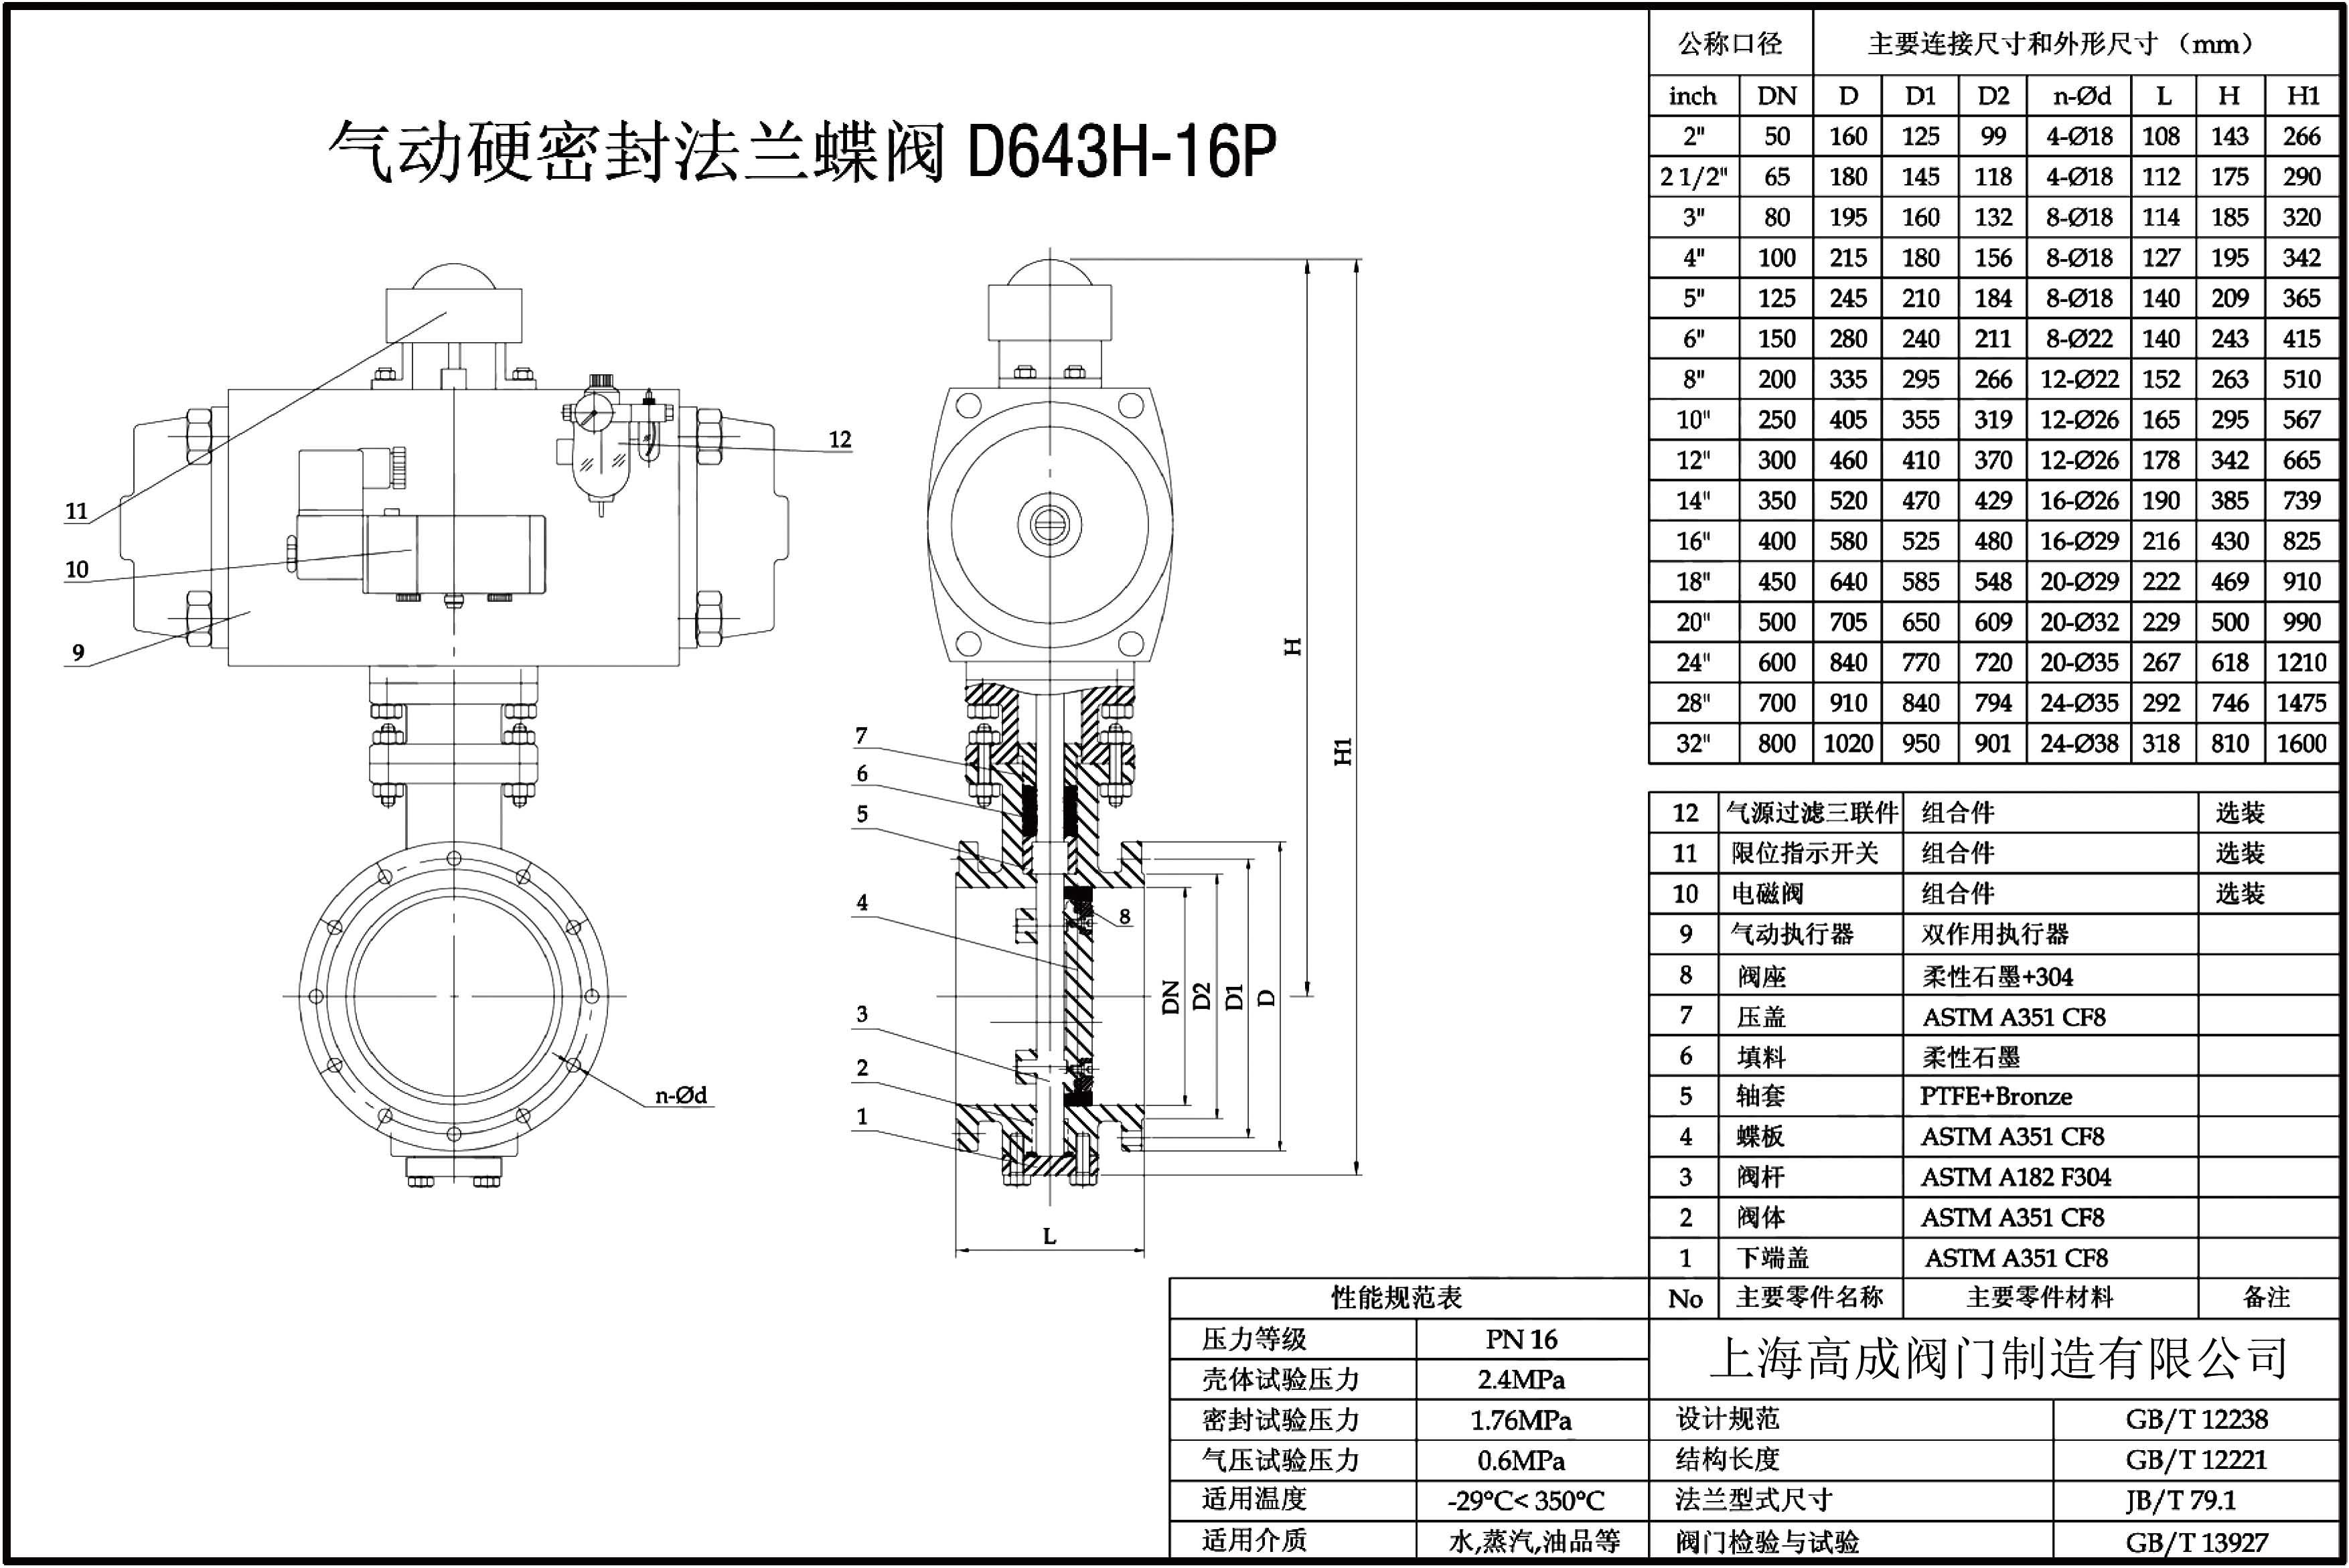 注:以上尺寸仅供参考 七、报价须知: 1.阀体参数:口径,工作压力,阀体材质,使用介质,温度,连接形式等参数 2.执行器:执行器形式,控制方式,控制信号(4-20MA),作用方式(气-开式,气-关式) 3.可选附件:电磁阀,限位开关,二联件 4.若已经由设计单位选定的型号,请将型号直接报与我司销售部订购。 5.